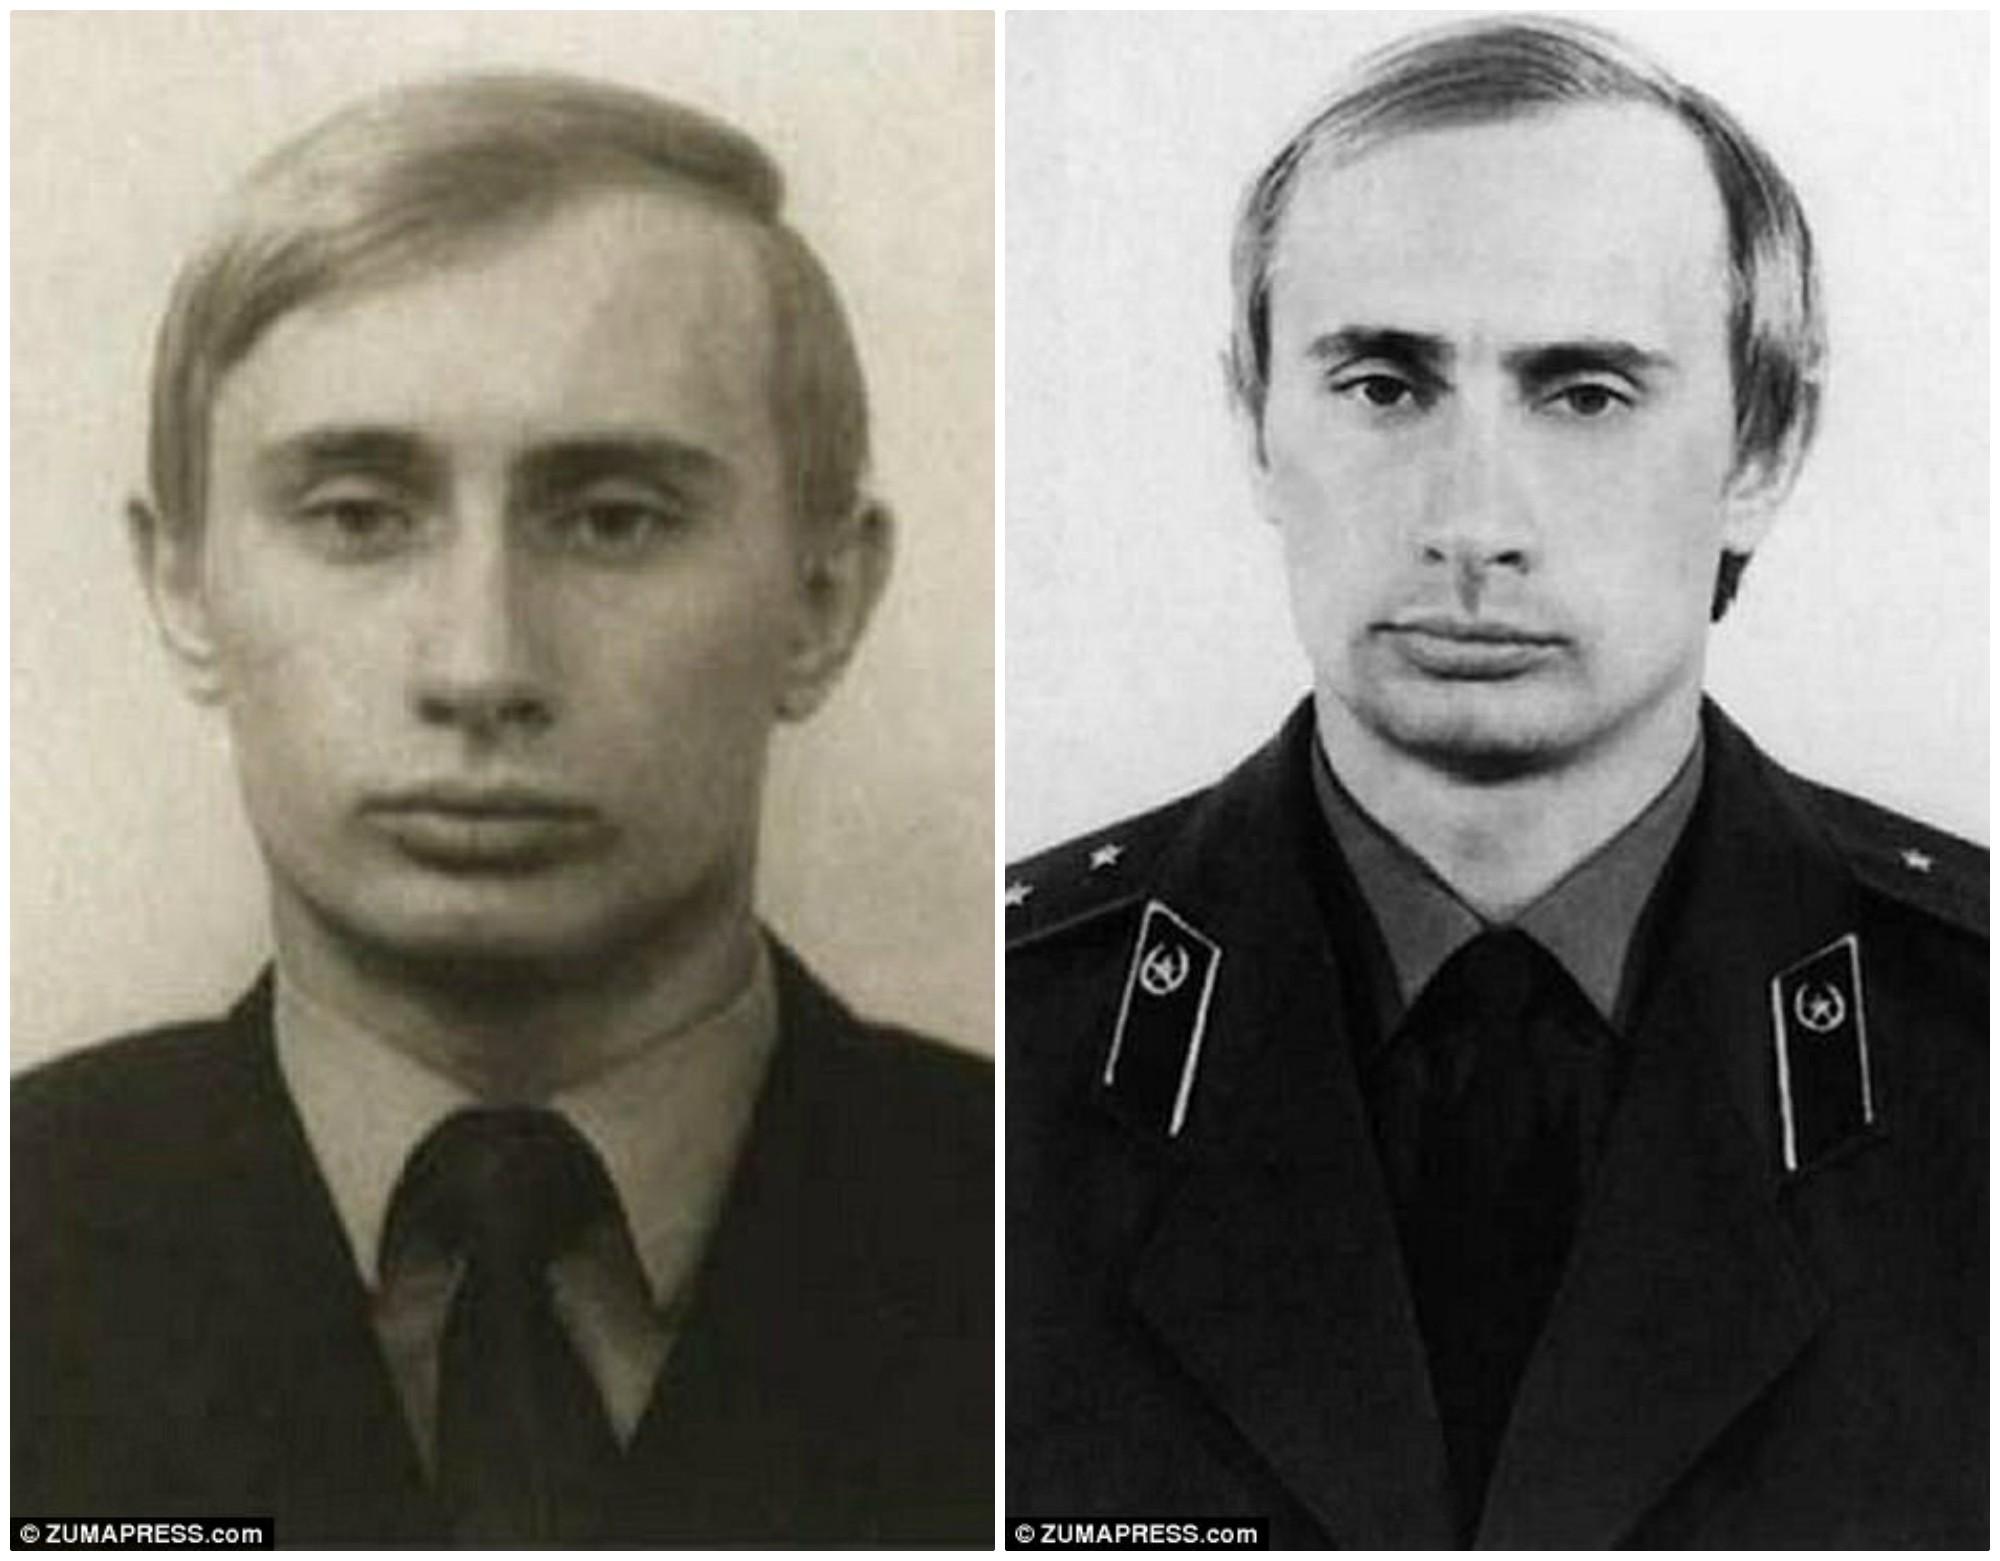 Удалить элемент: Владимир Владимирович Путин Владимир Владимирович Путин